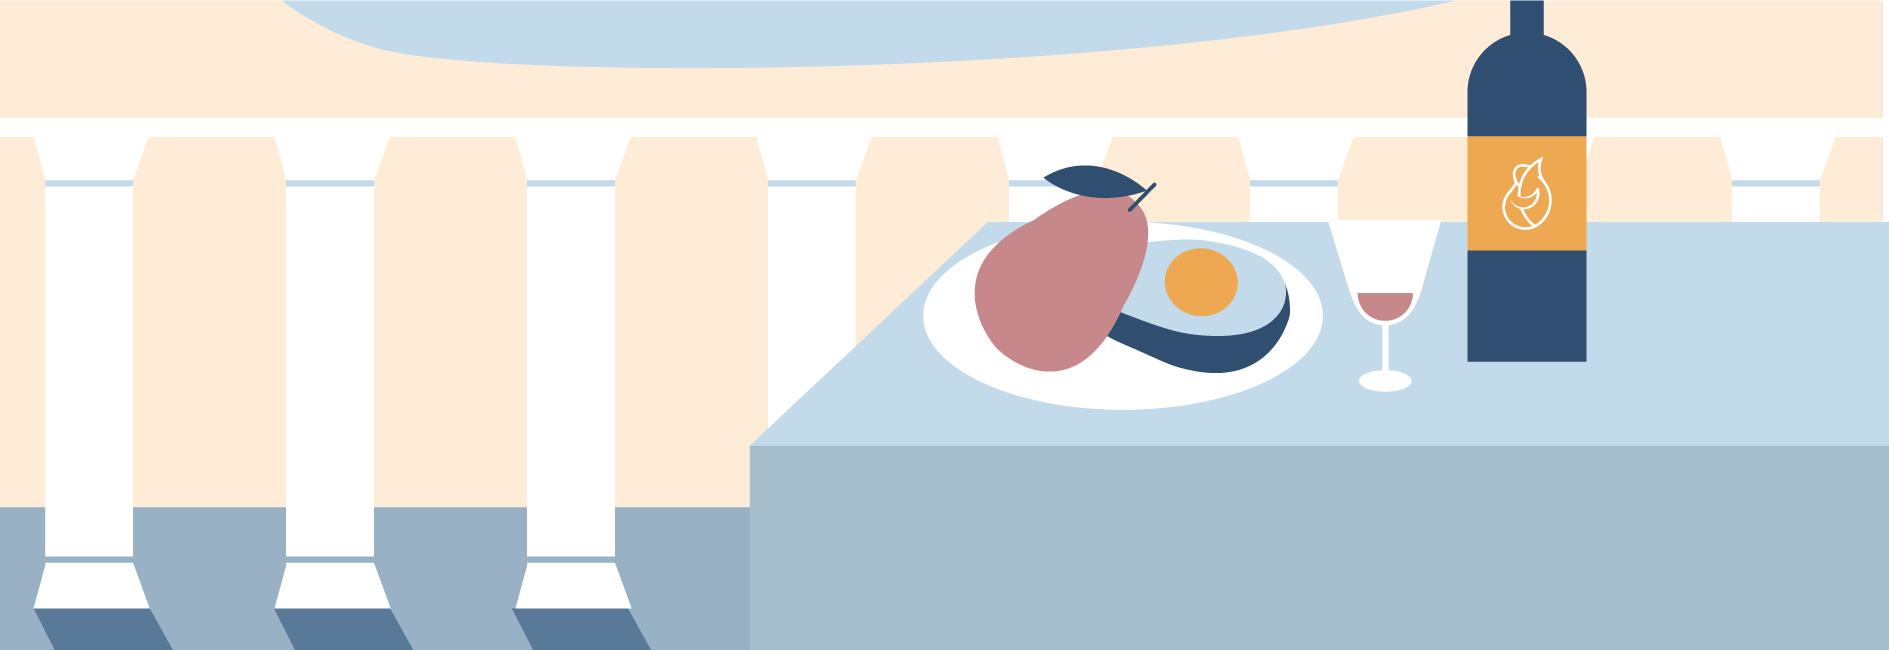 Un aguacate y un mango en un plato con una botella y un vaso de vino, y el mar Mediterráneo